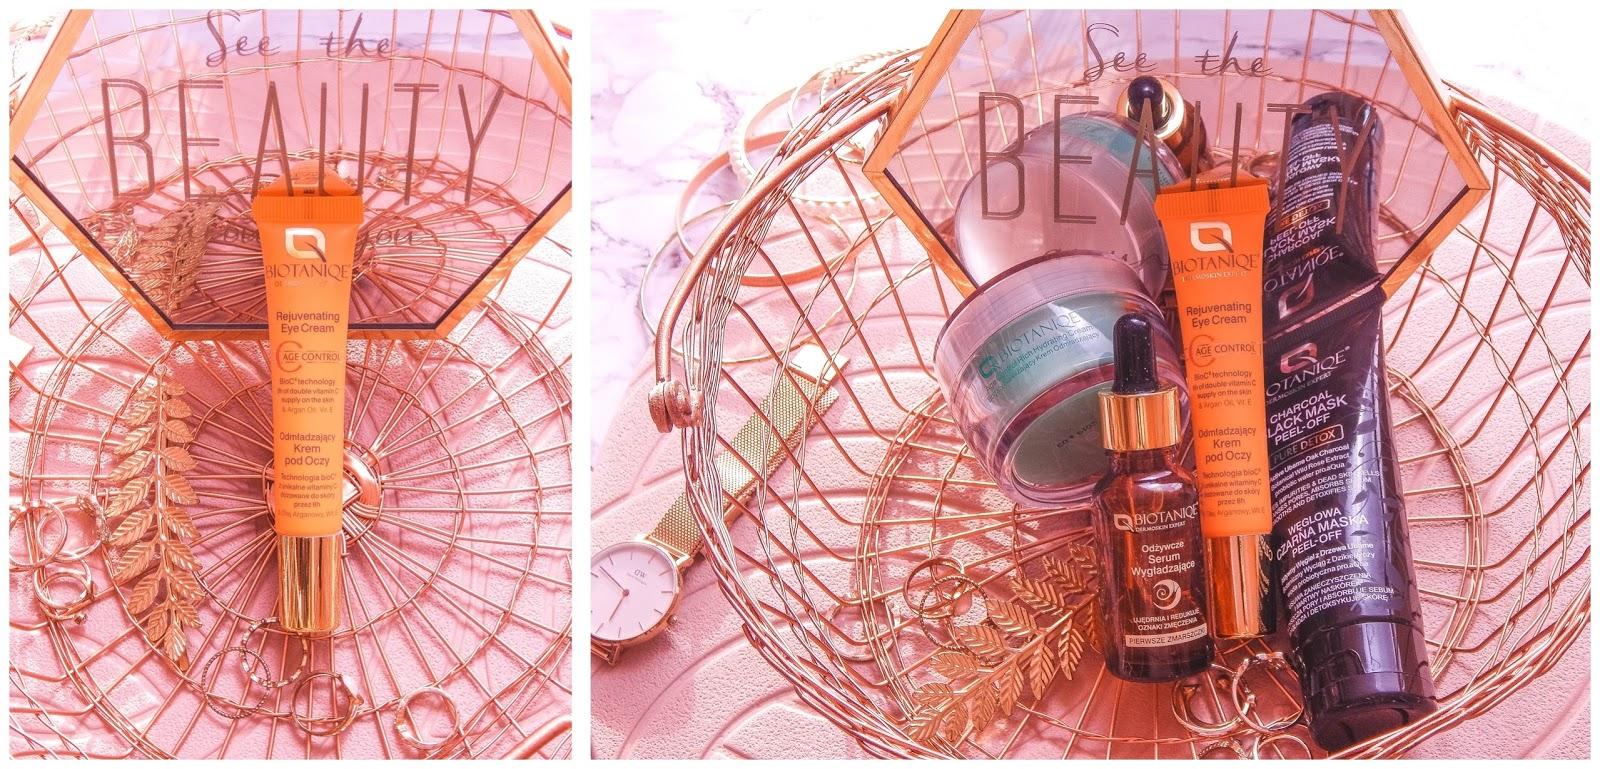 5 biotaniqe jak zregenerować skórę wakacje lato po zimie przed wakacjami serum wygładzające ze śluzem ślimaka opinie recenzję węglowa maska peel-off krem pod oczy recenzja żelowy krem nawilżający pielęgnacja